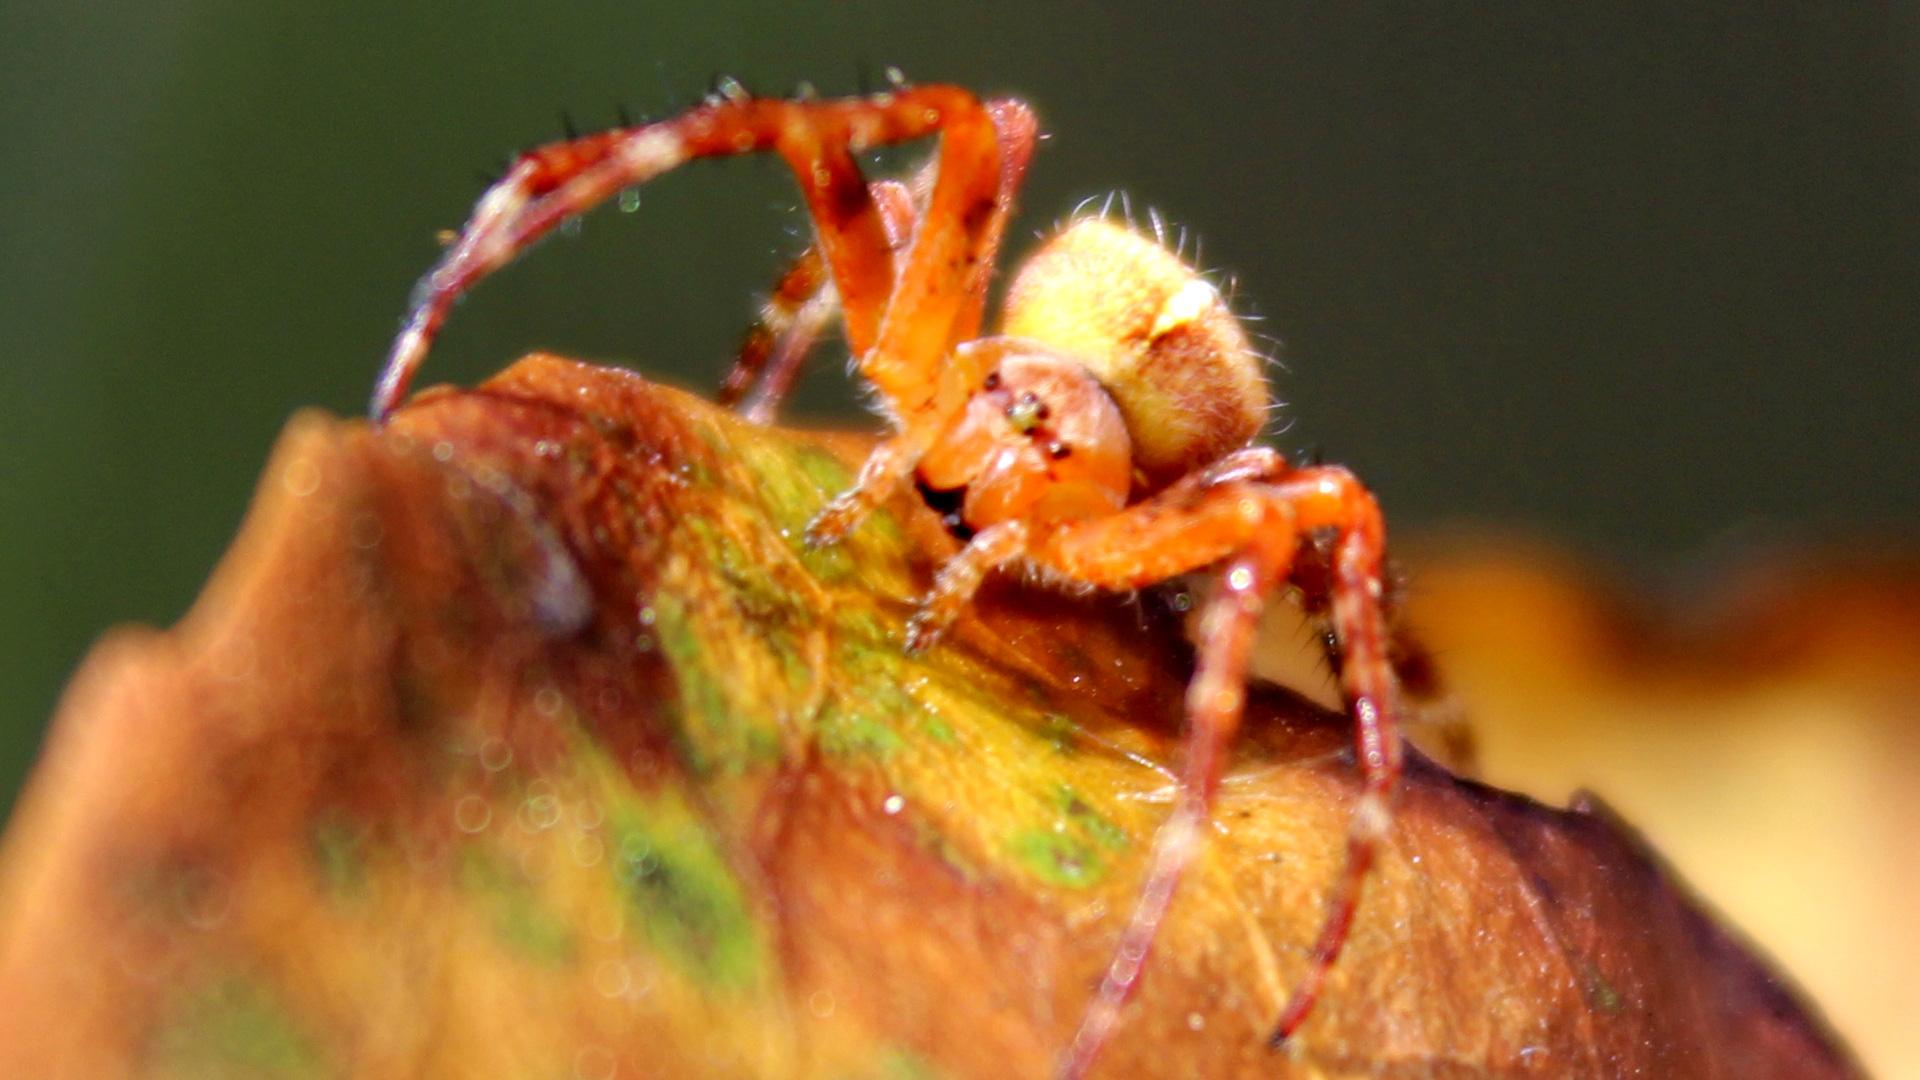 Spider by gorvenal